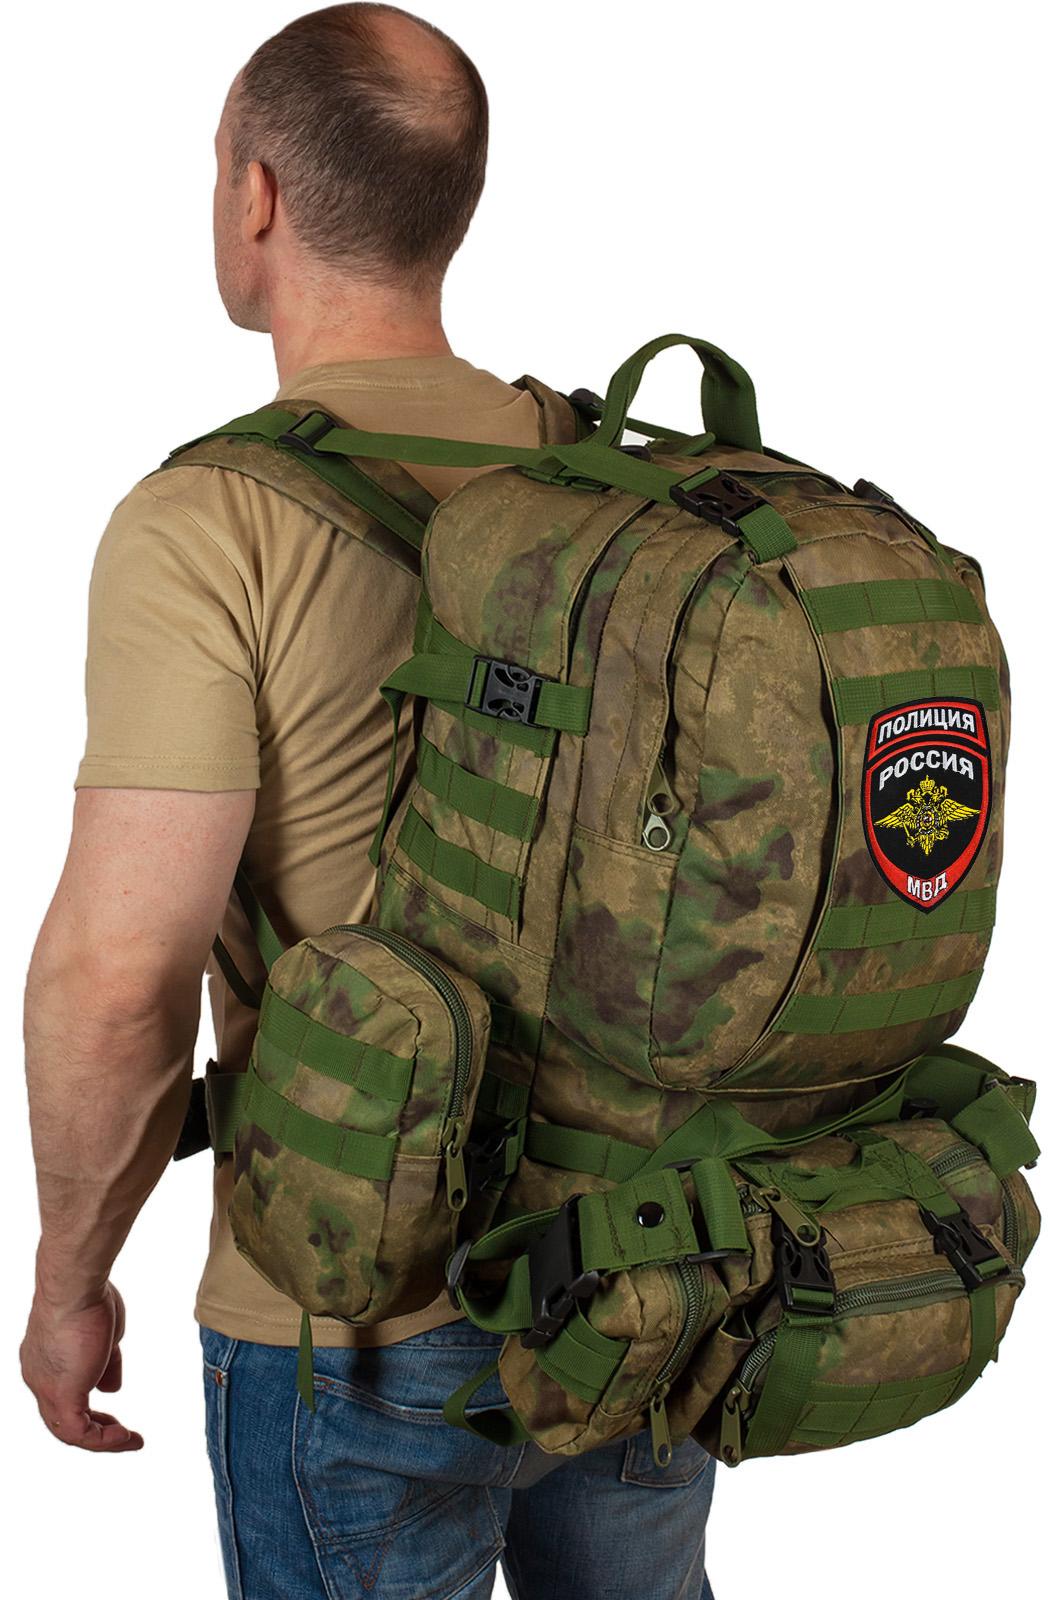 Мужской тактический рюкзак в камуфляже Вудланд